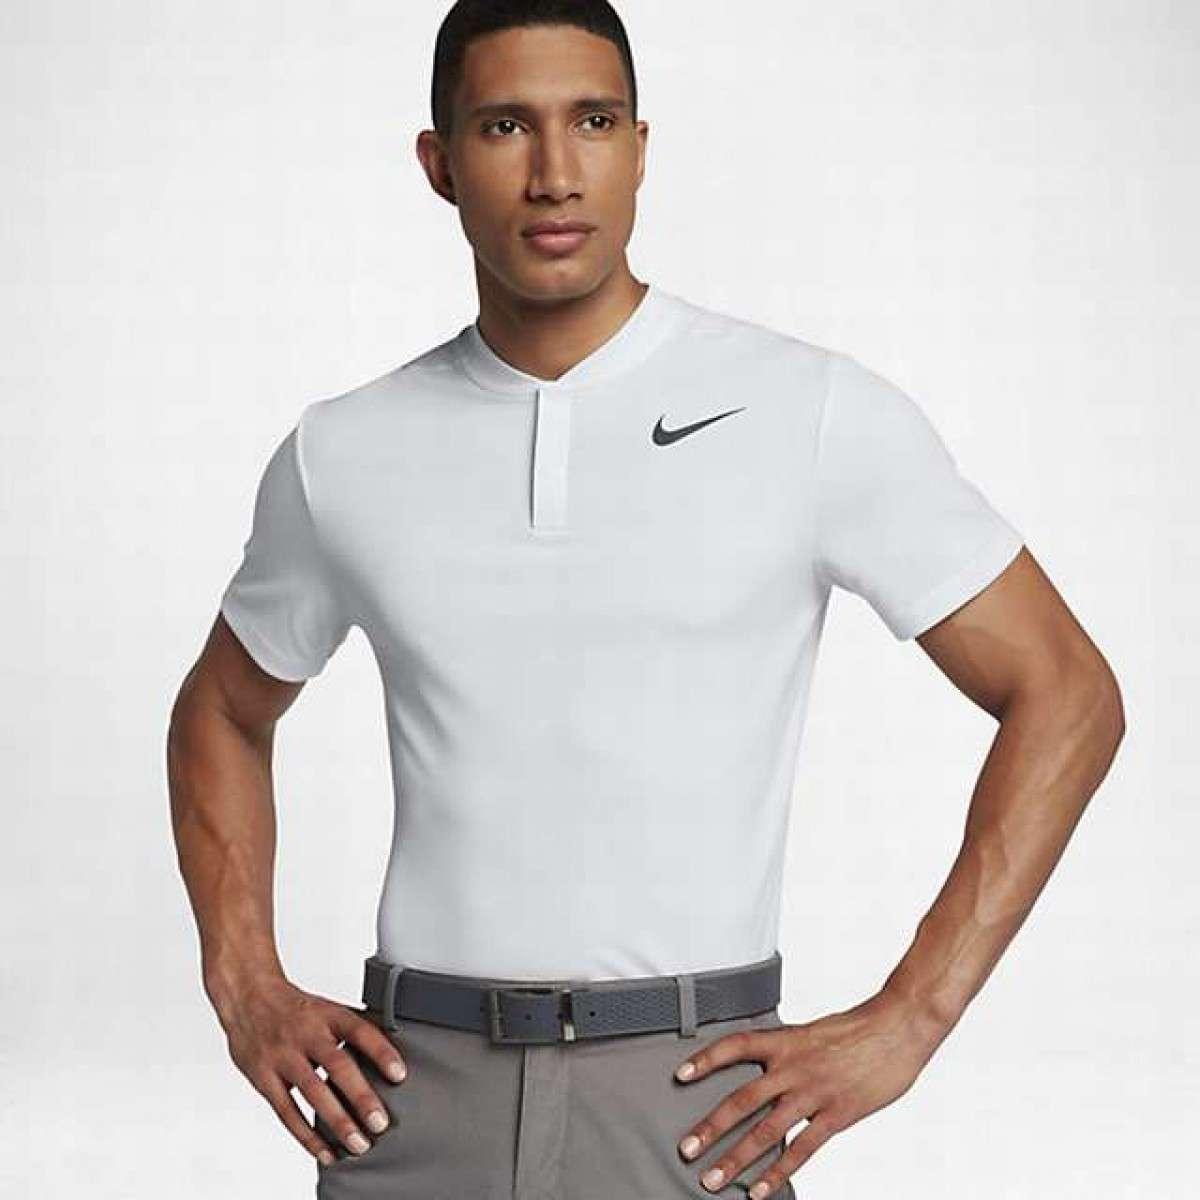 cách chọn quần áo golf